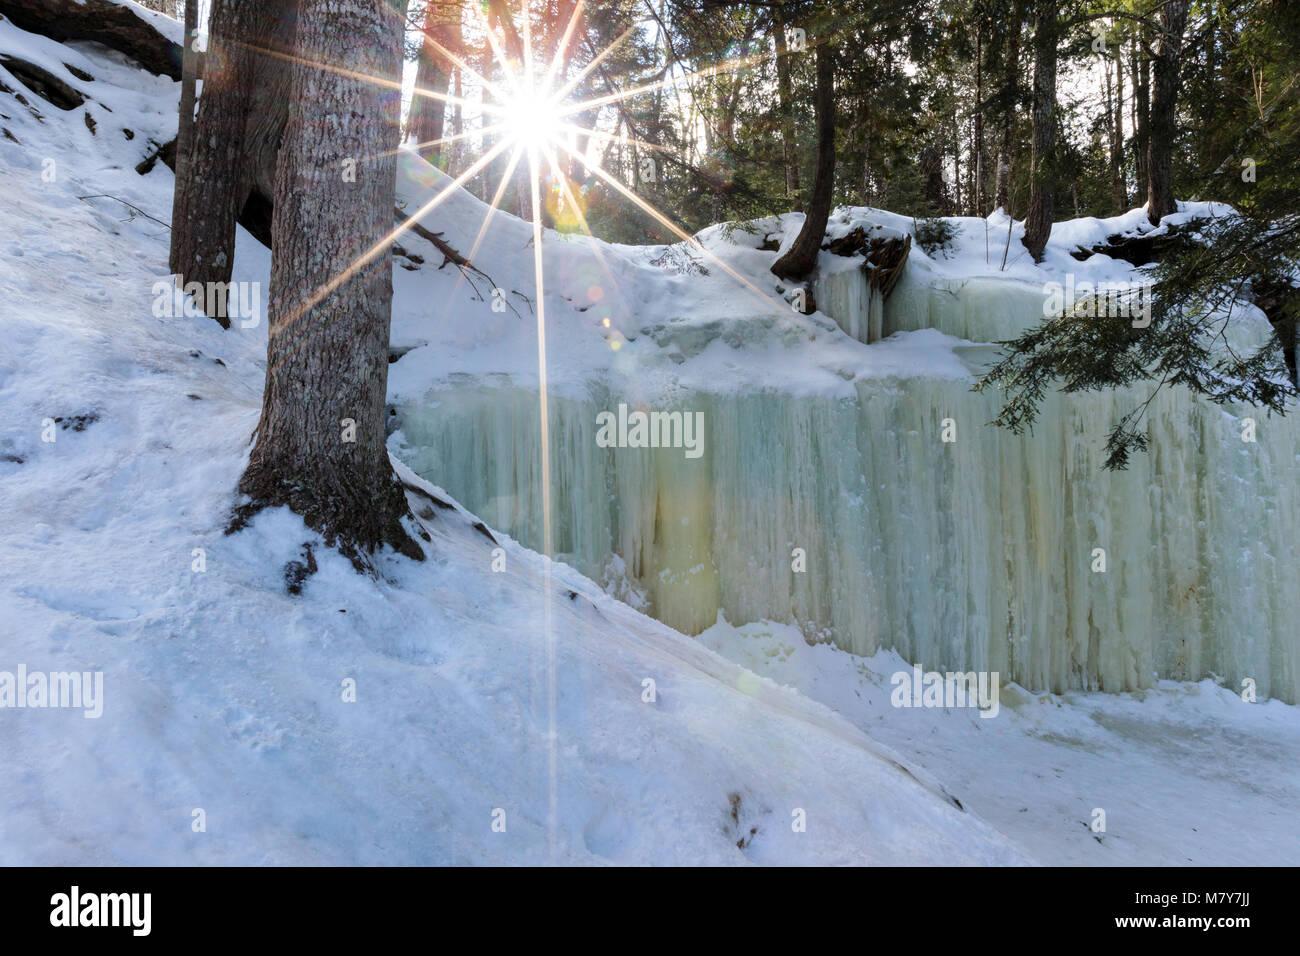 Eben le grotte di ghiaccio nella Penisola Superiore del Michigan. Versare su una sporgenza di roccia, come una cascata, Immagini Stock